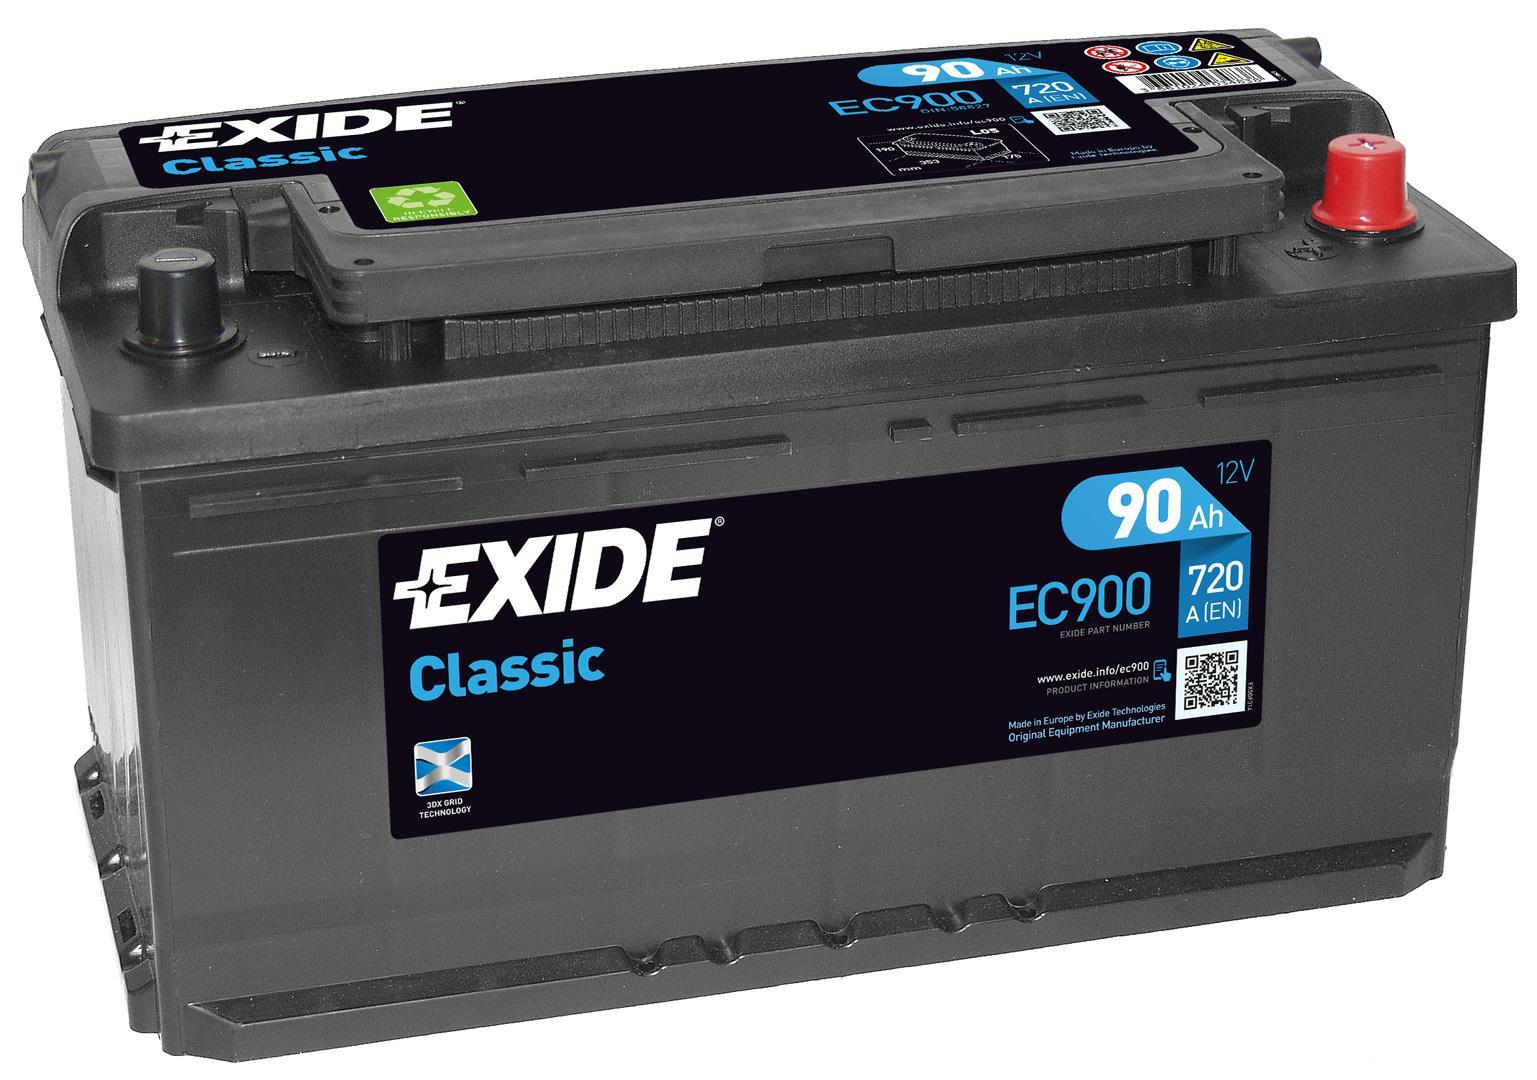 EXIDE S106-EC900 CLASSIC 90Ah 720A (- +) 353x175x190